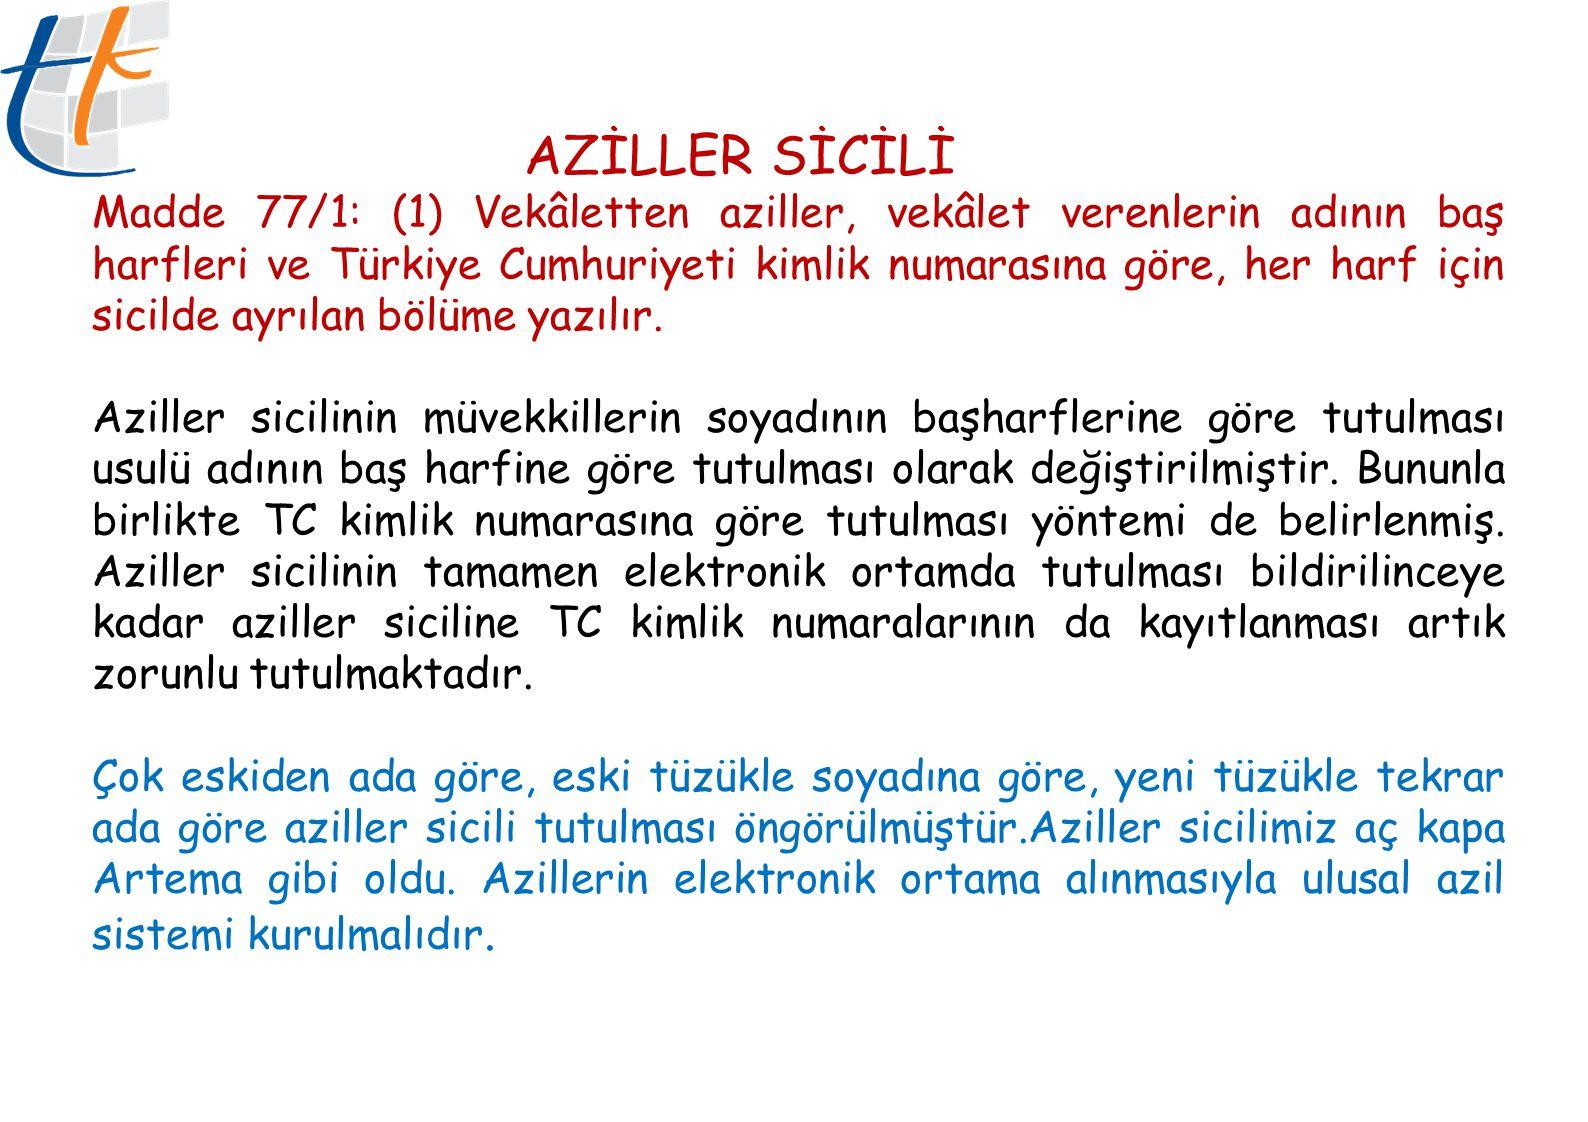 AZİLLER SİCİLİ Madde 77/1: (1) Vekâletten aziller, vekâlet verenlerin adının baş harfleri ve Türkiye Cumhuriyeti kimlik numarasına göre, her harf için